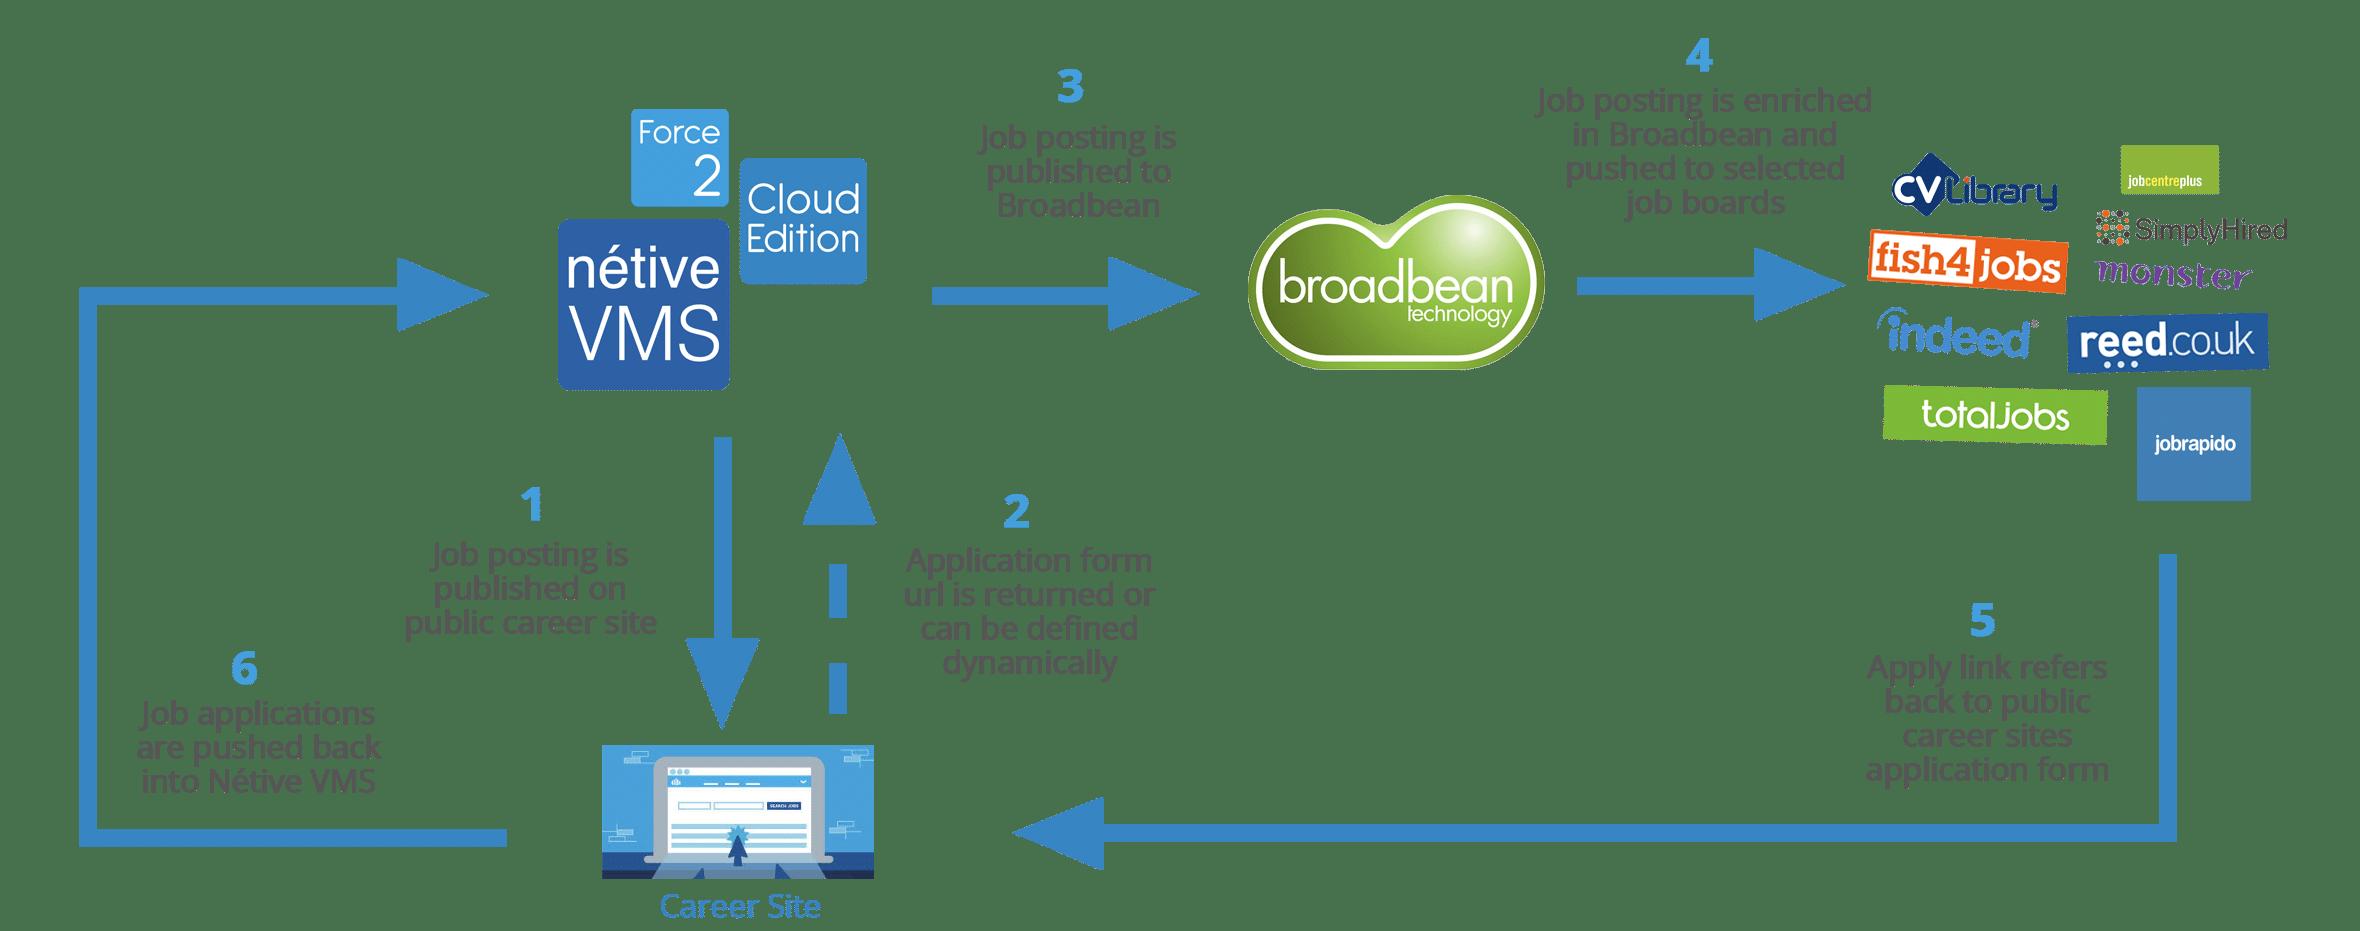 Broadbean Nétive VMS